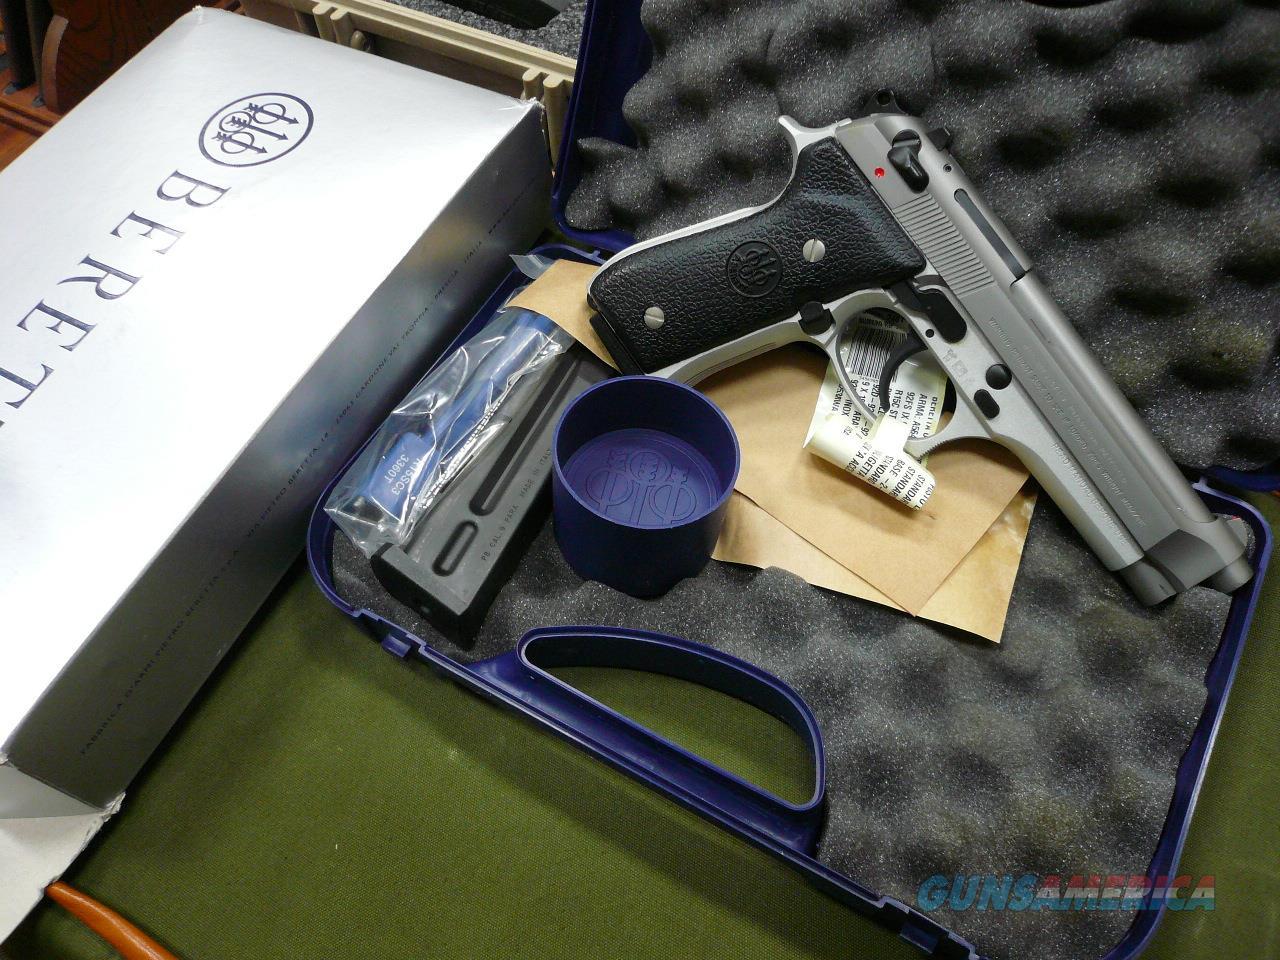 92FS-INOX ( ITALIAN MADE)  S/S,9MM NIB  Guns > Pistols > Beretta Pistols > Model 92 Series